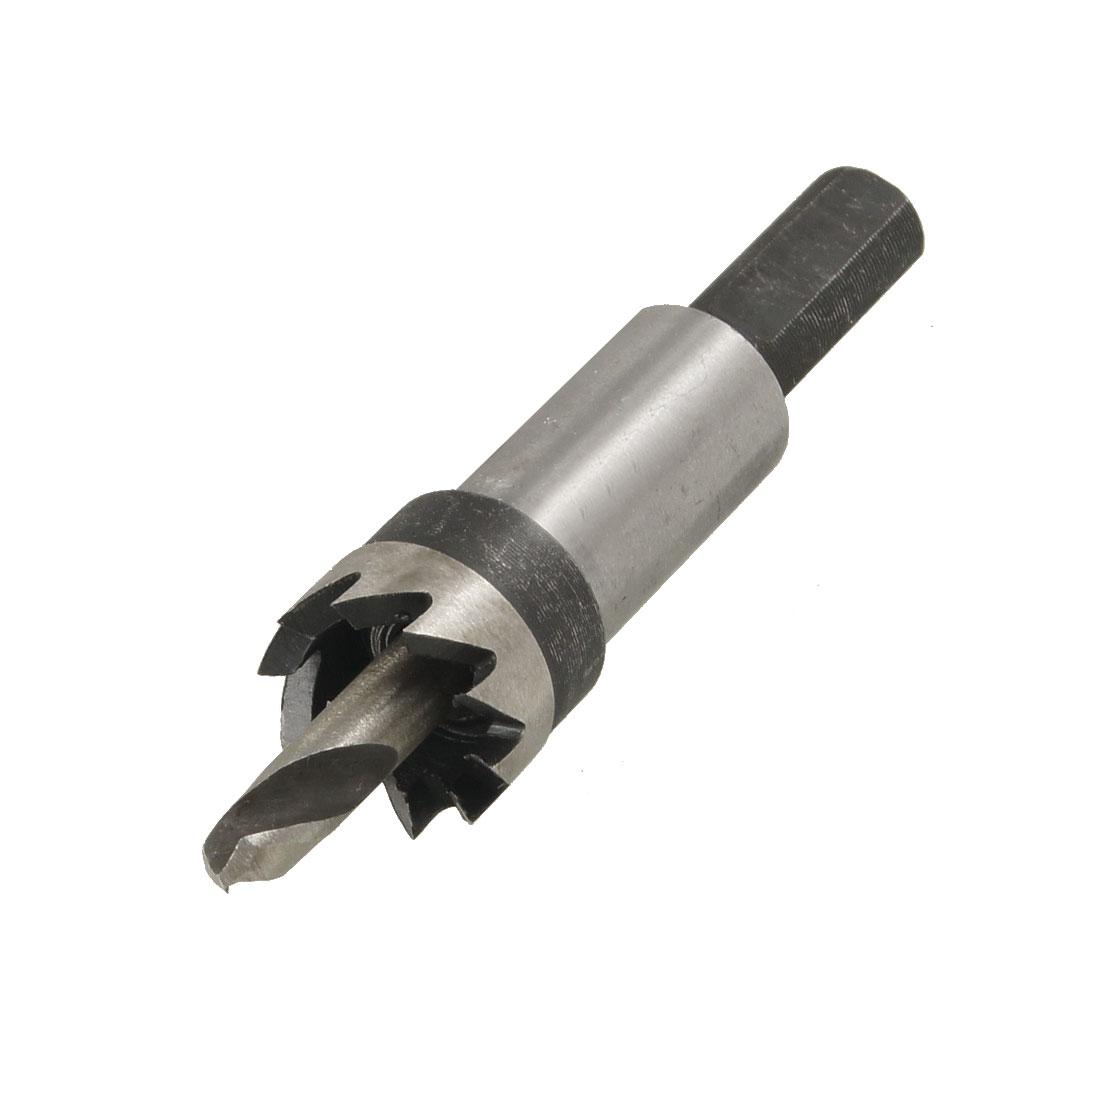 5mm Twist Drilling Bit Iron Cutting Cutter 15mm Dia Hole Saw